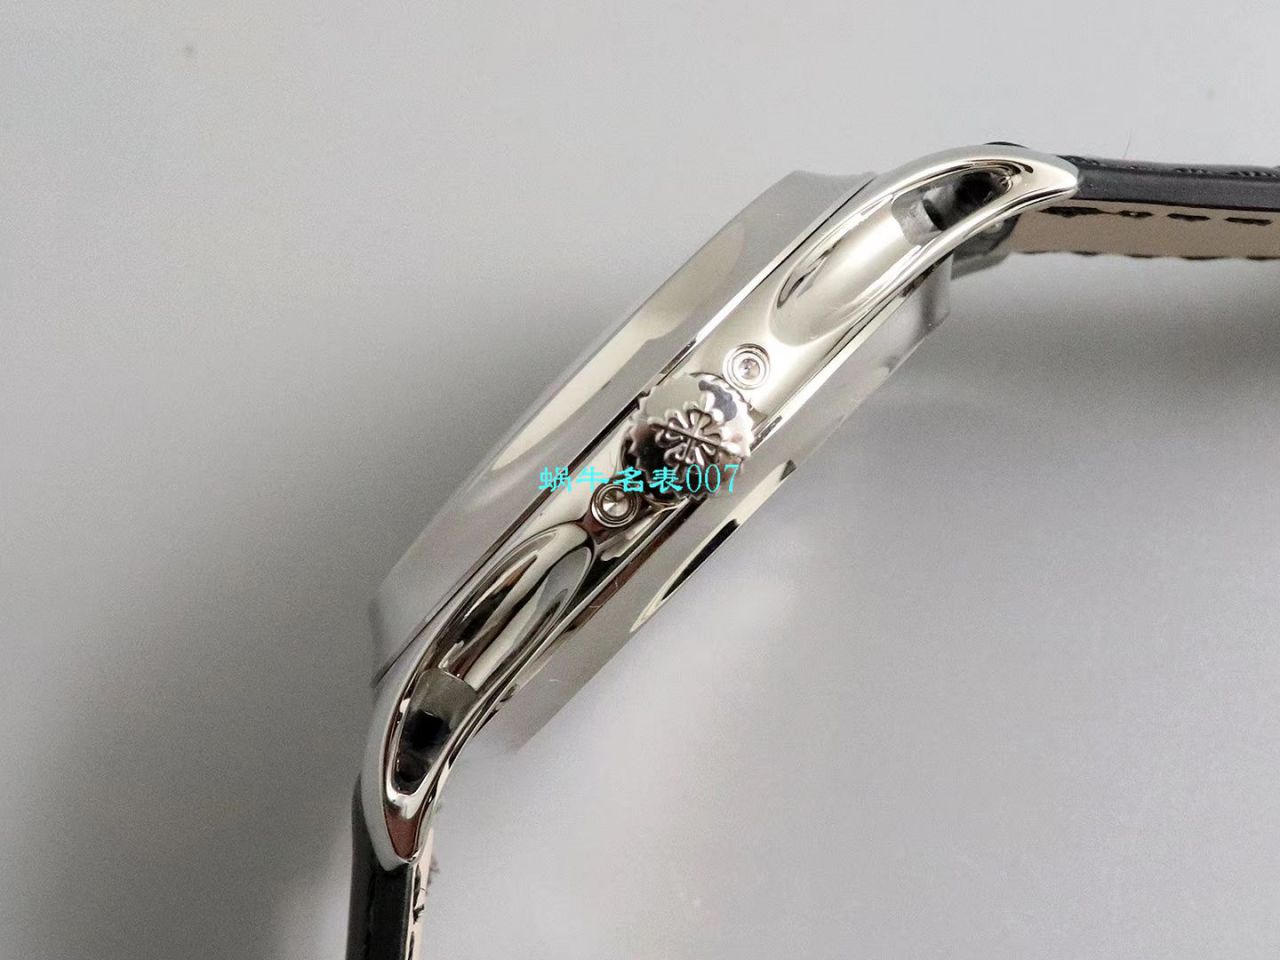 GR厂超A高仿百达翡丽复杂功能时计系列5205R-010腕表